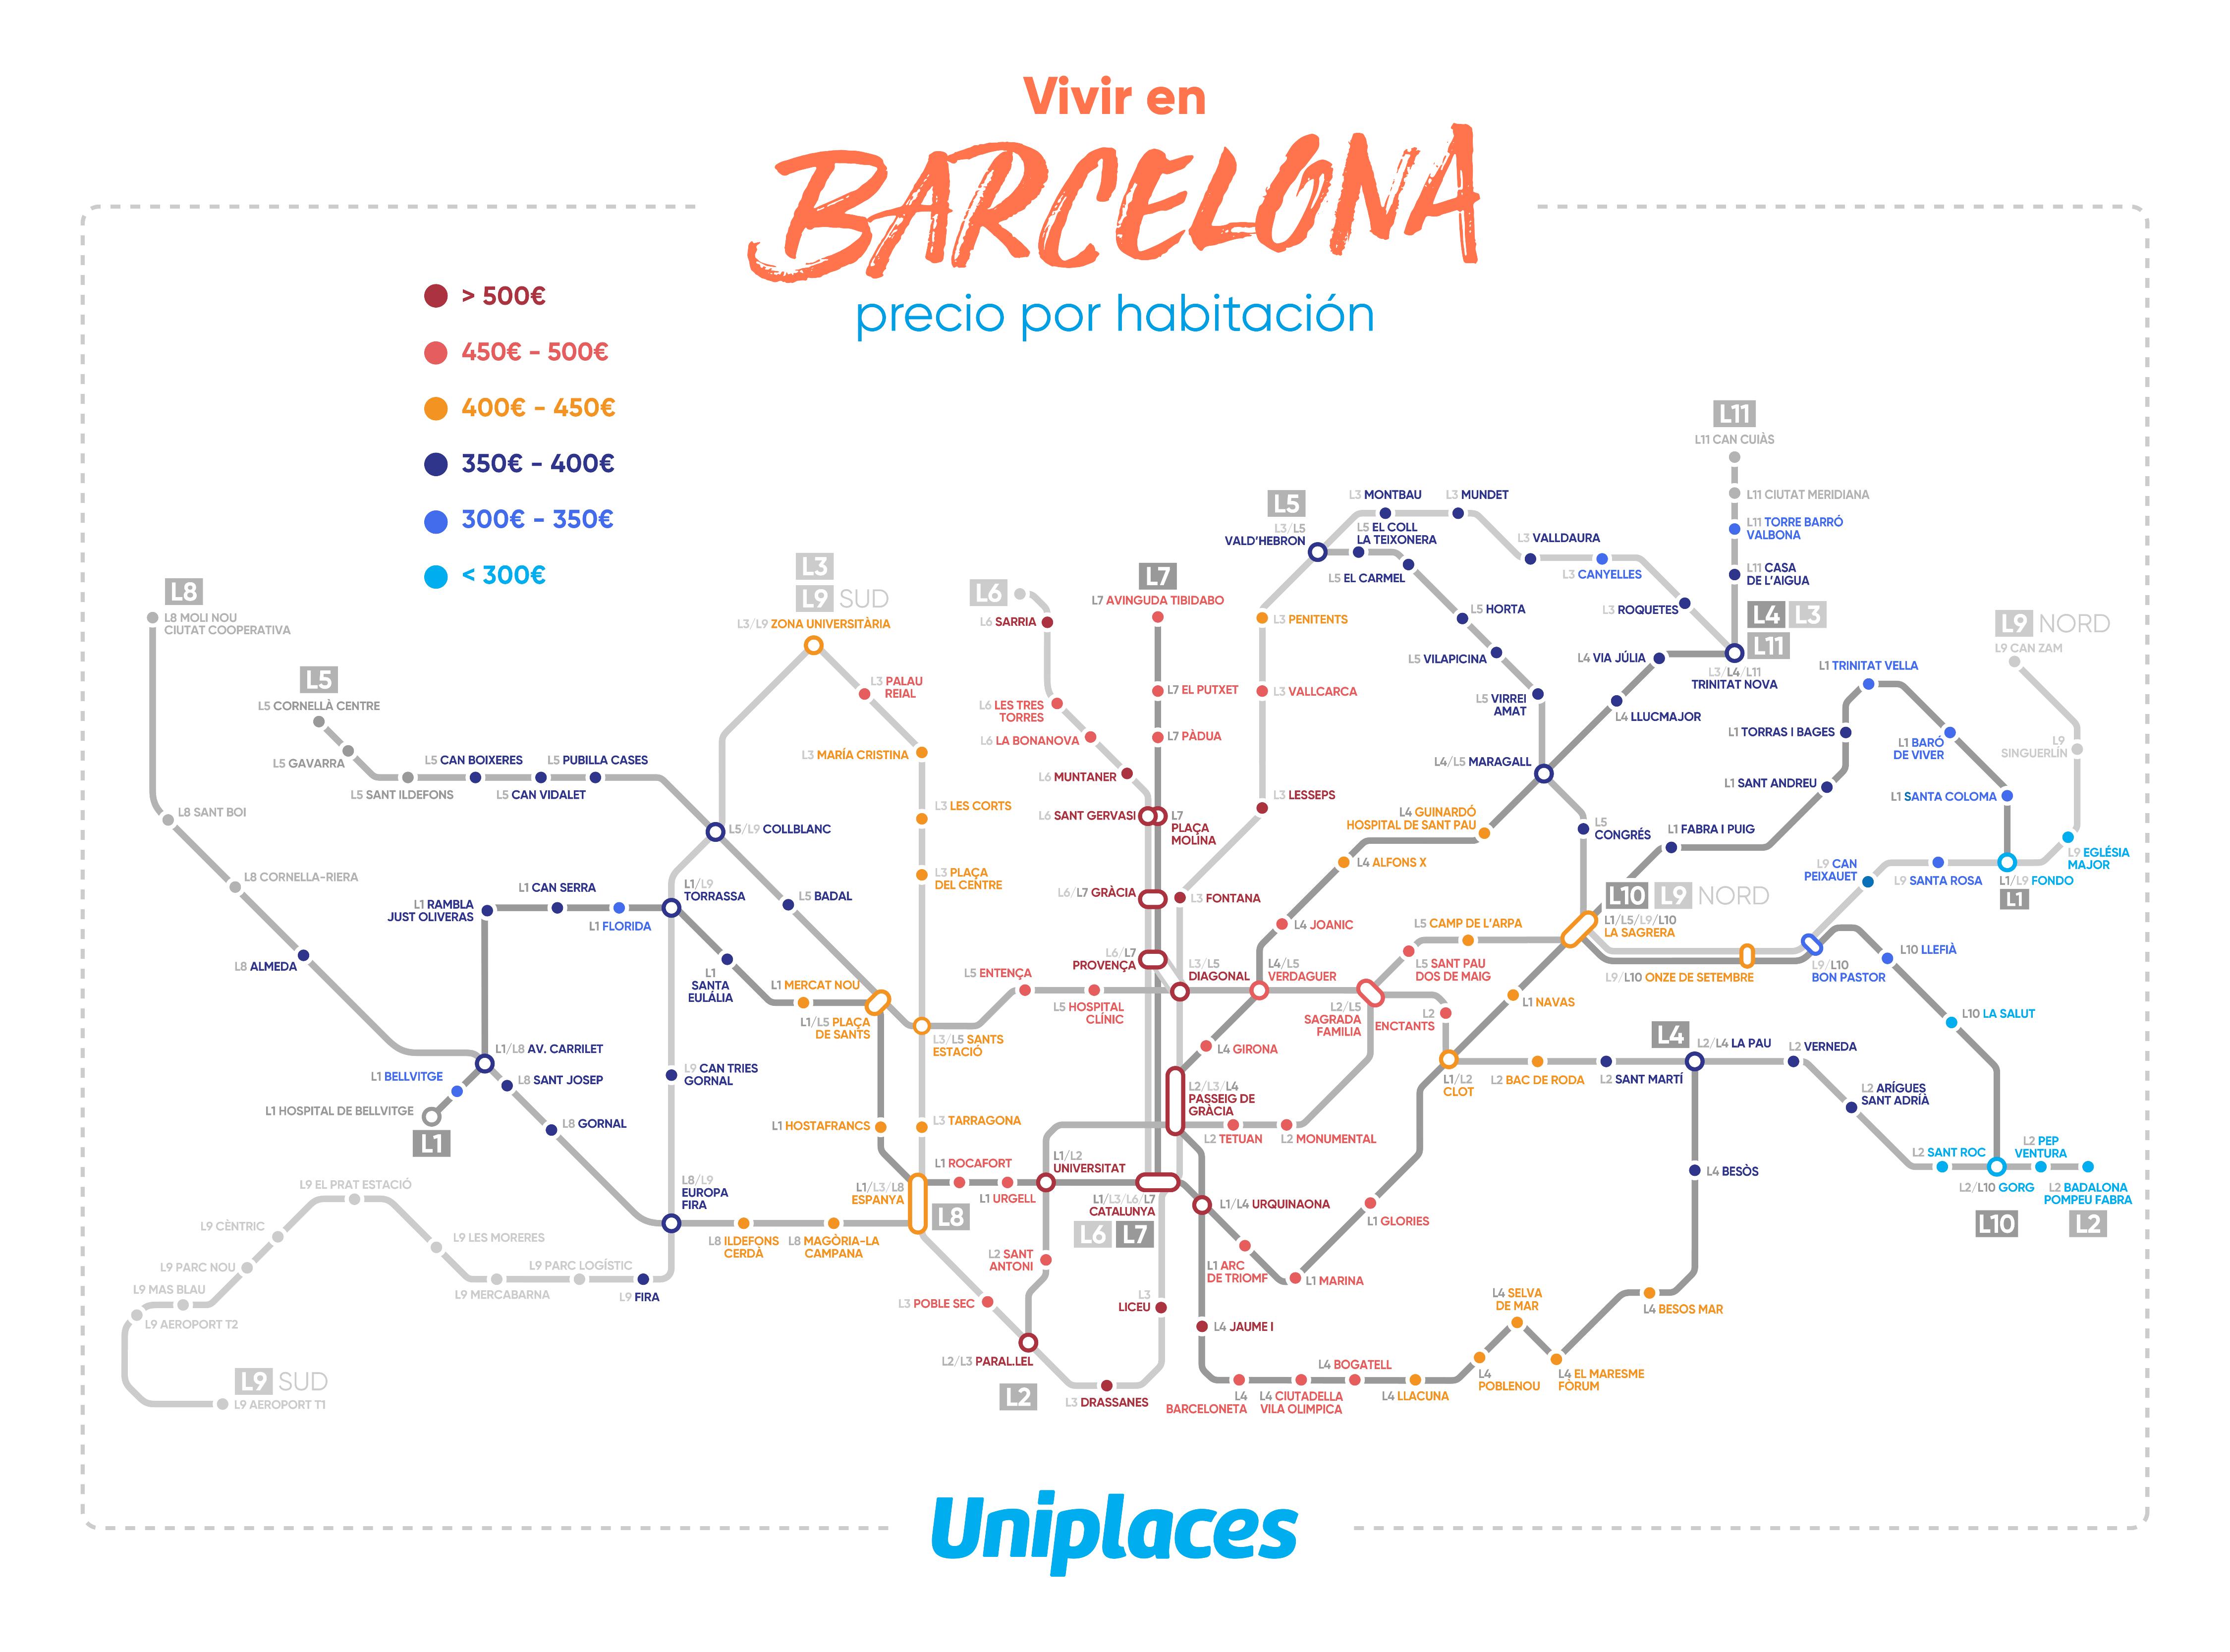 precio por habitacion barcelona